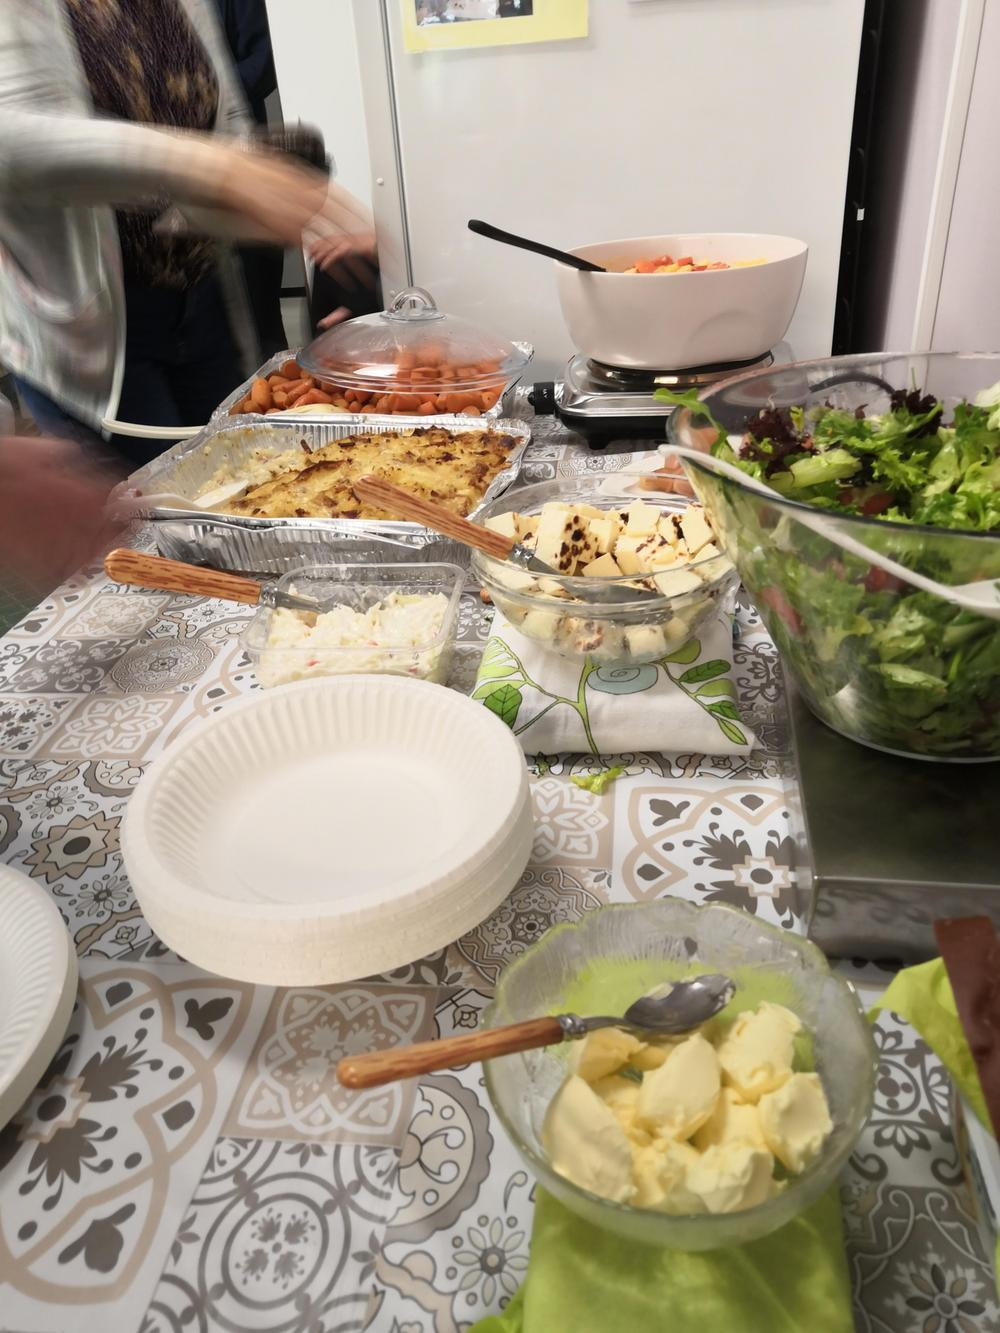 Yhdessä katettua ruokaa